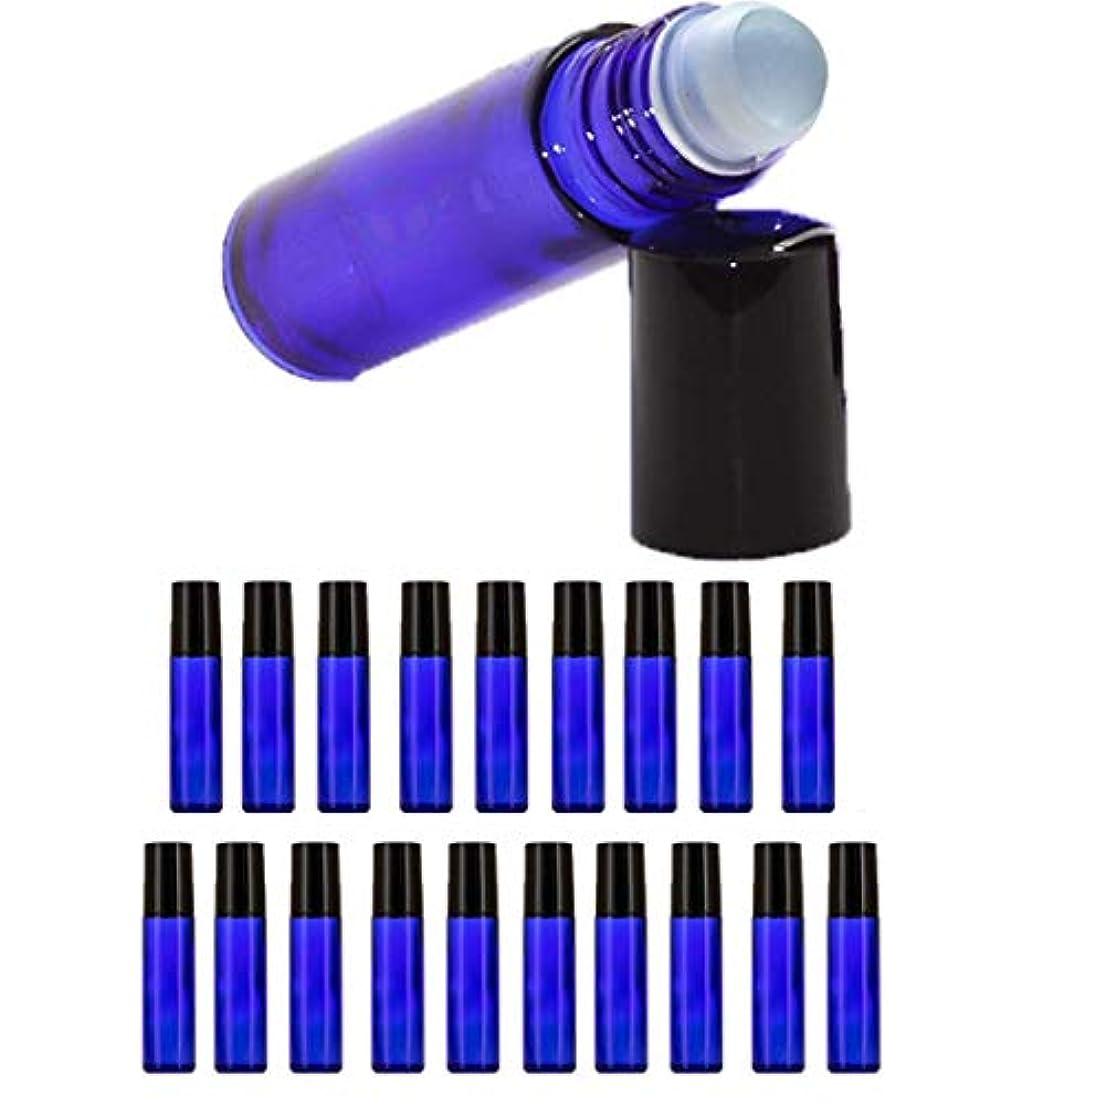 どうやらゆでる小売20個セット 遮光瓶 小分け ガラスボトルロールオンボトル 詰め替え 容器 エッセンシャルオイル 遮光ビン